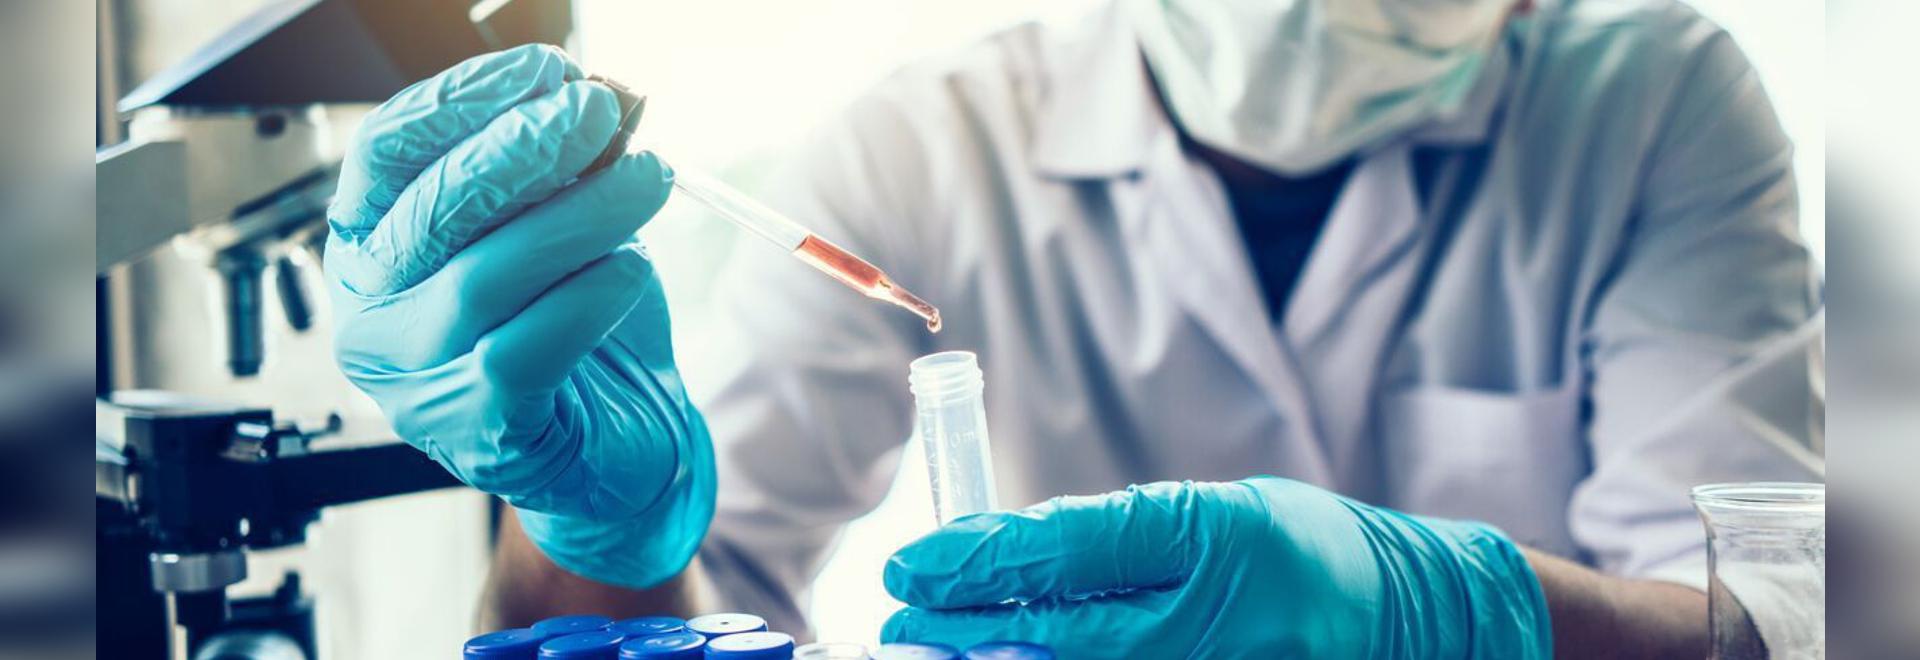 El ADN de todos se registra para detectar riesgos de enfermedad